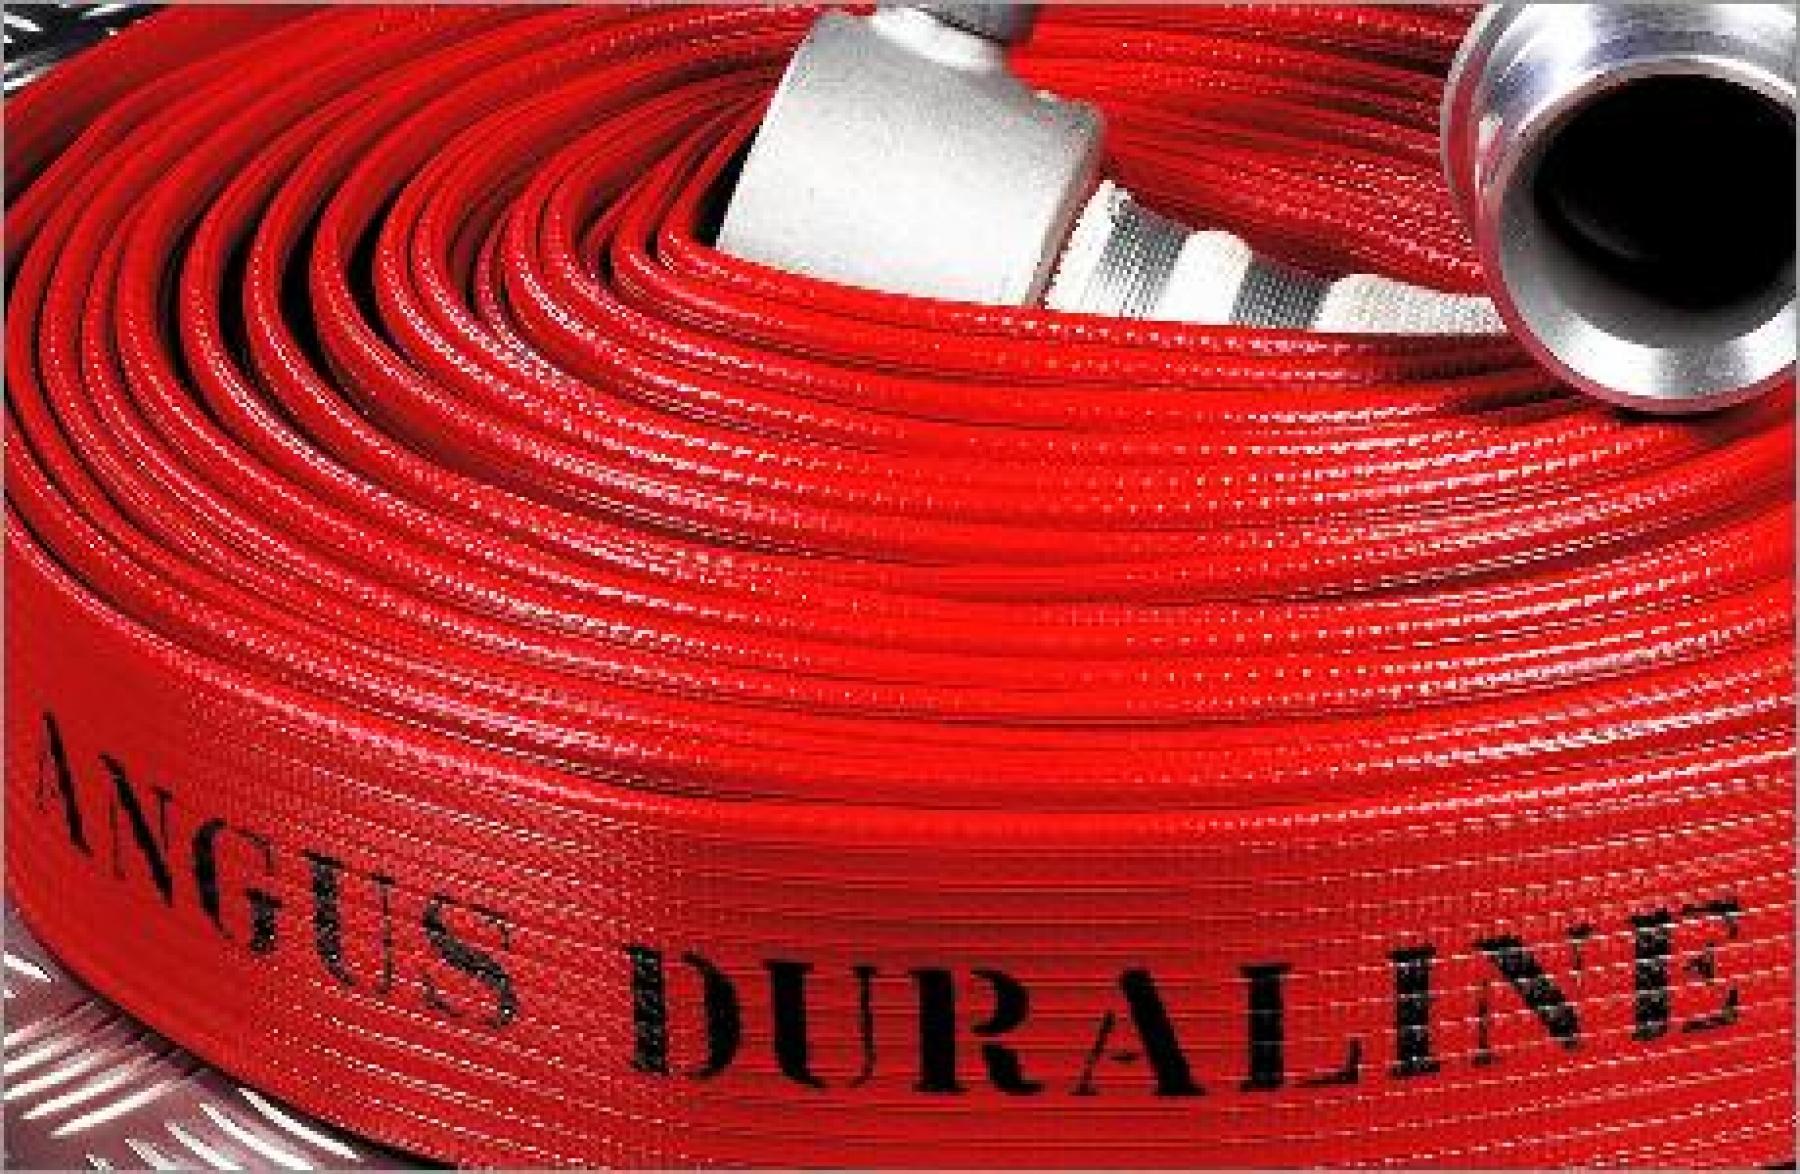 Buy 21 2 Quot X 75 Quot Duraline Fire Hose Fire Hoses Amp Nozzles